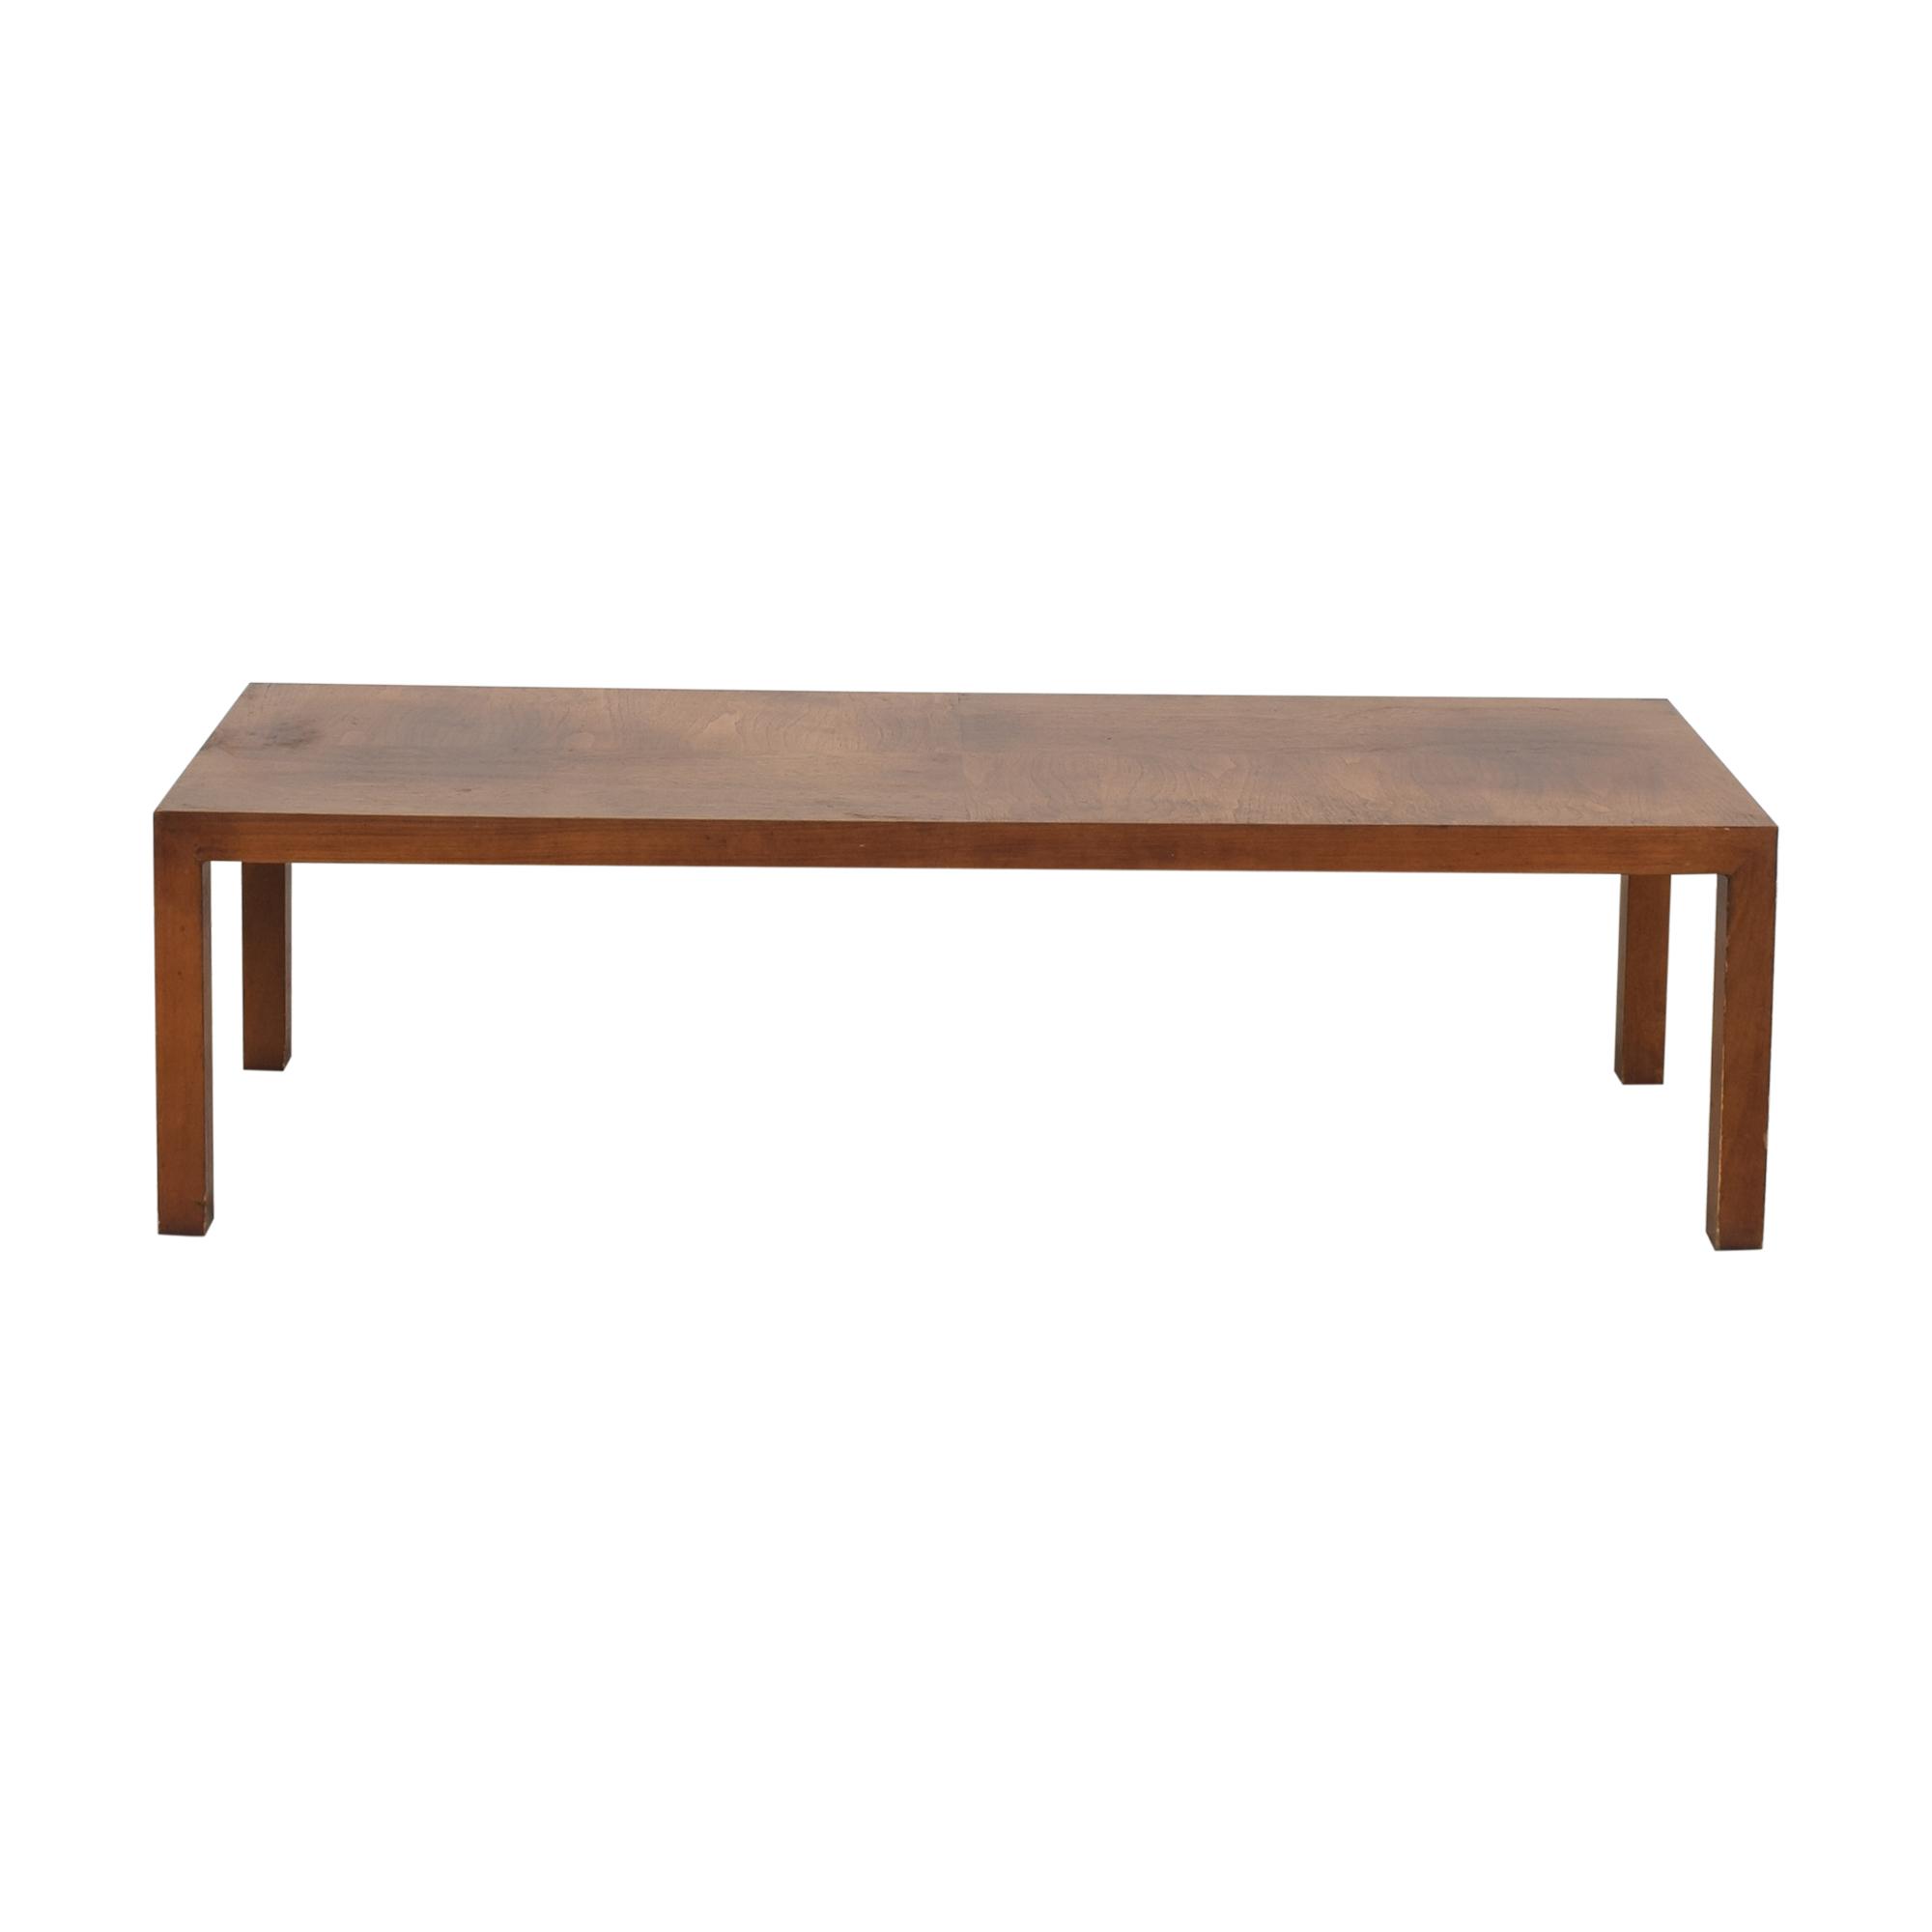 Lane Furniture Lane Furniture Rectangular Coffee Table on sale